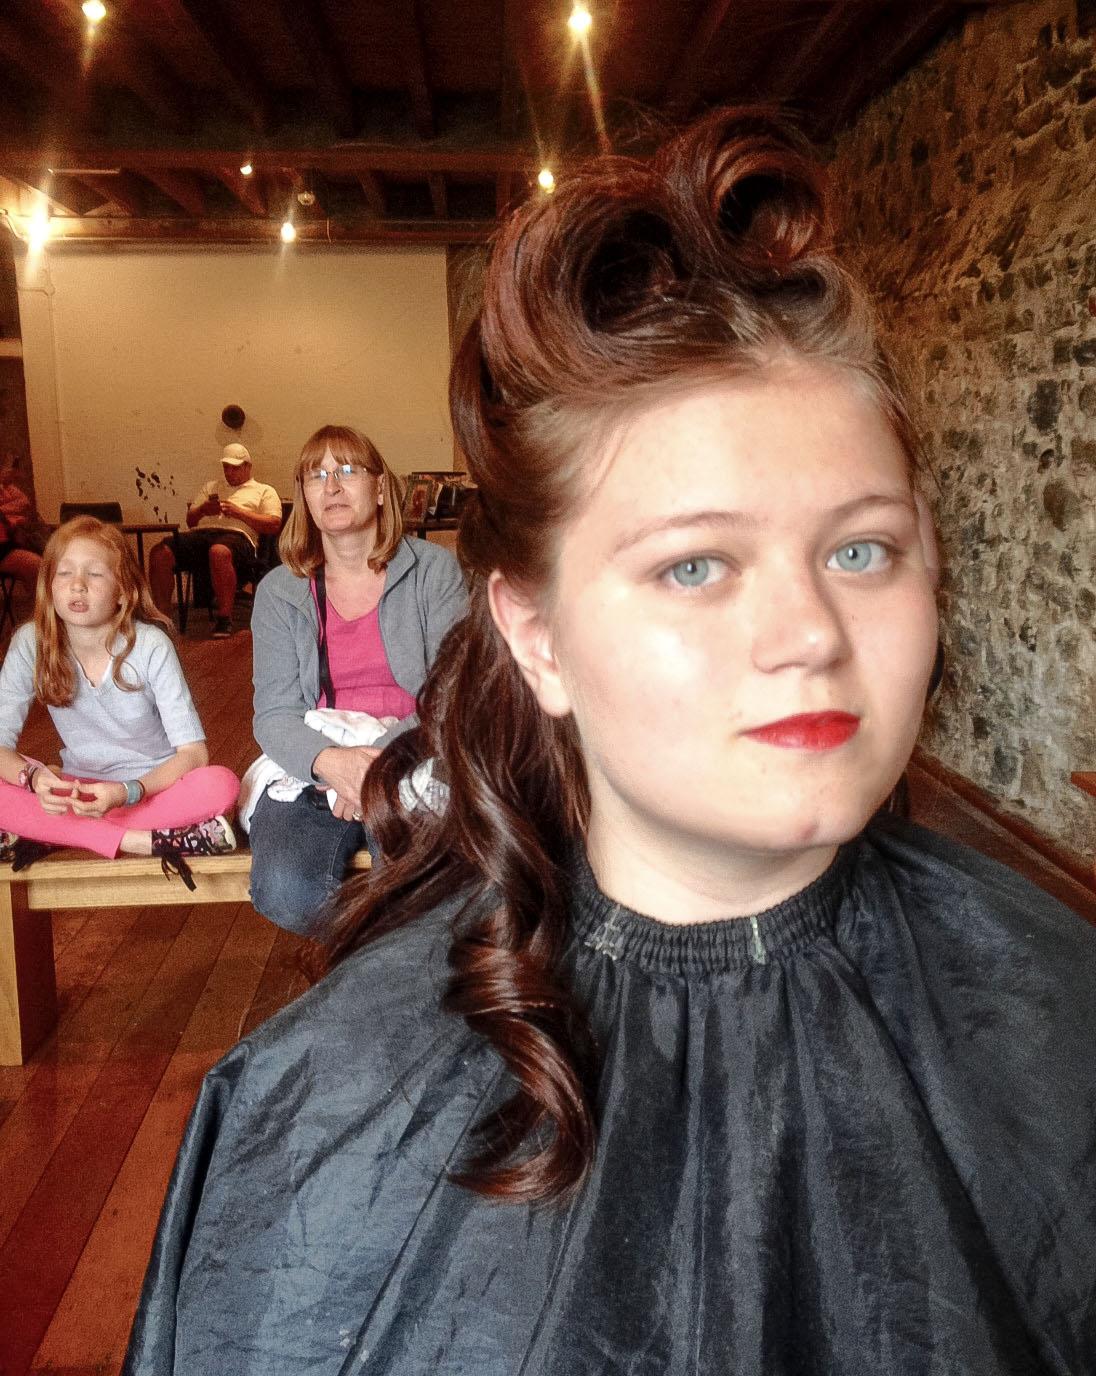 Vintage Hairdresser London Based Ft For Lipstick Curls Ww2 Event